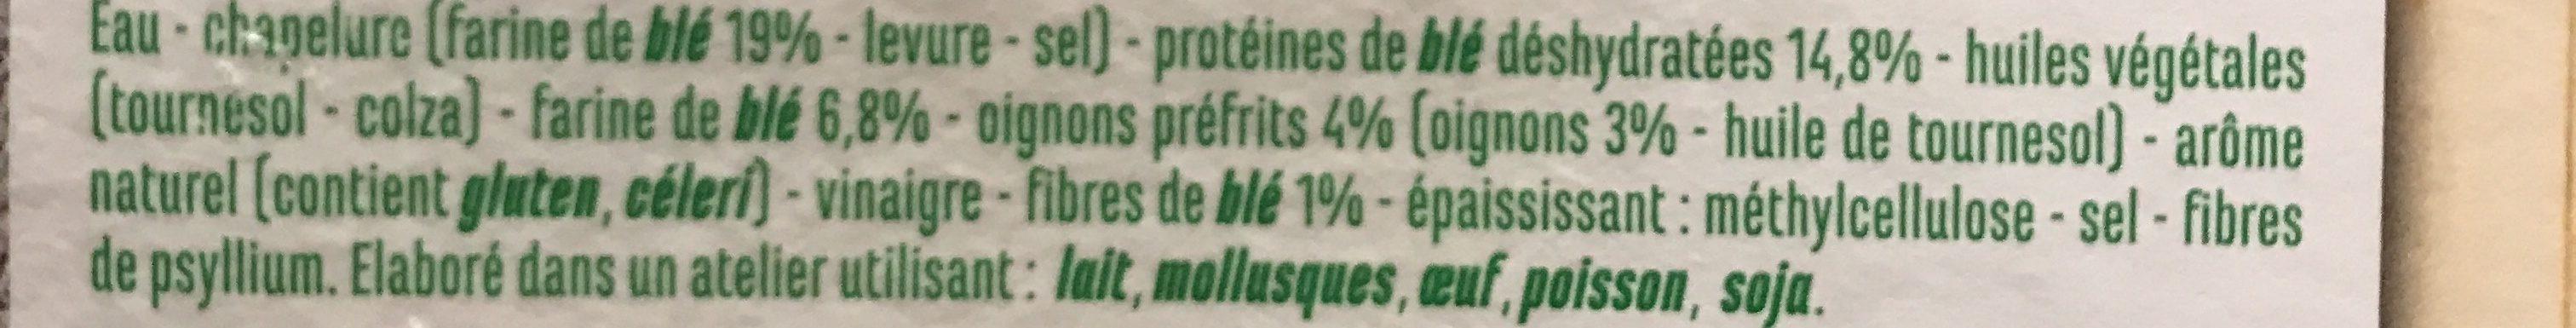 Nuggets de blé - Ingredients